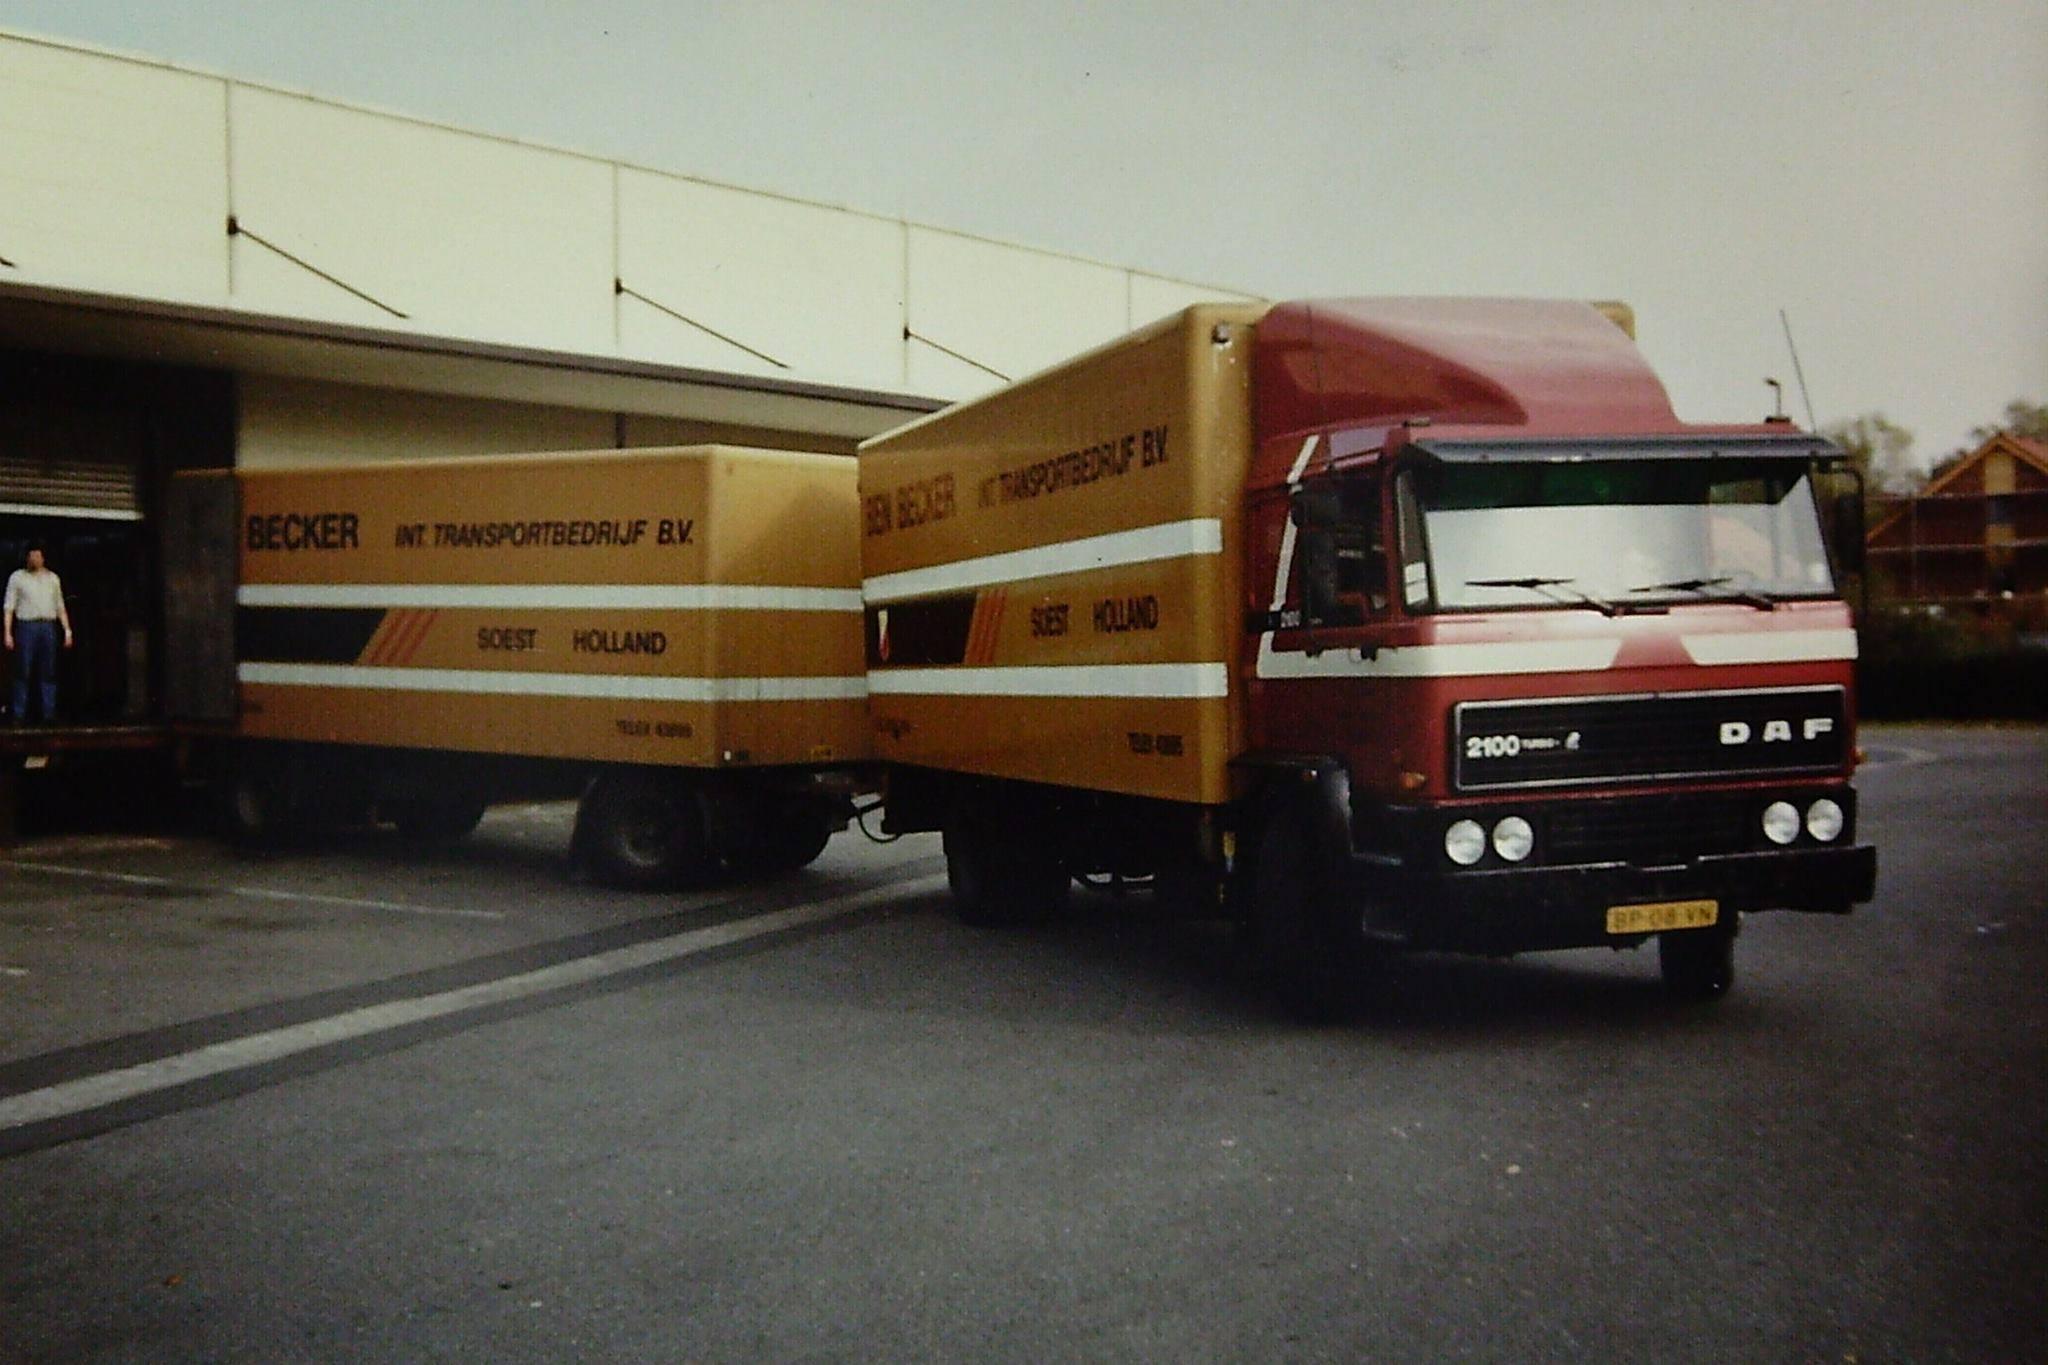 DAF-2100-in-Langenhagen---Herr-Weisseman-op-de-achtergrond----Ron-van-Nieuwenhuizen--